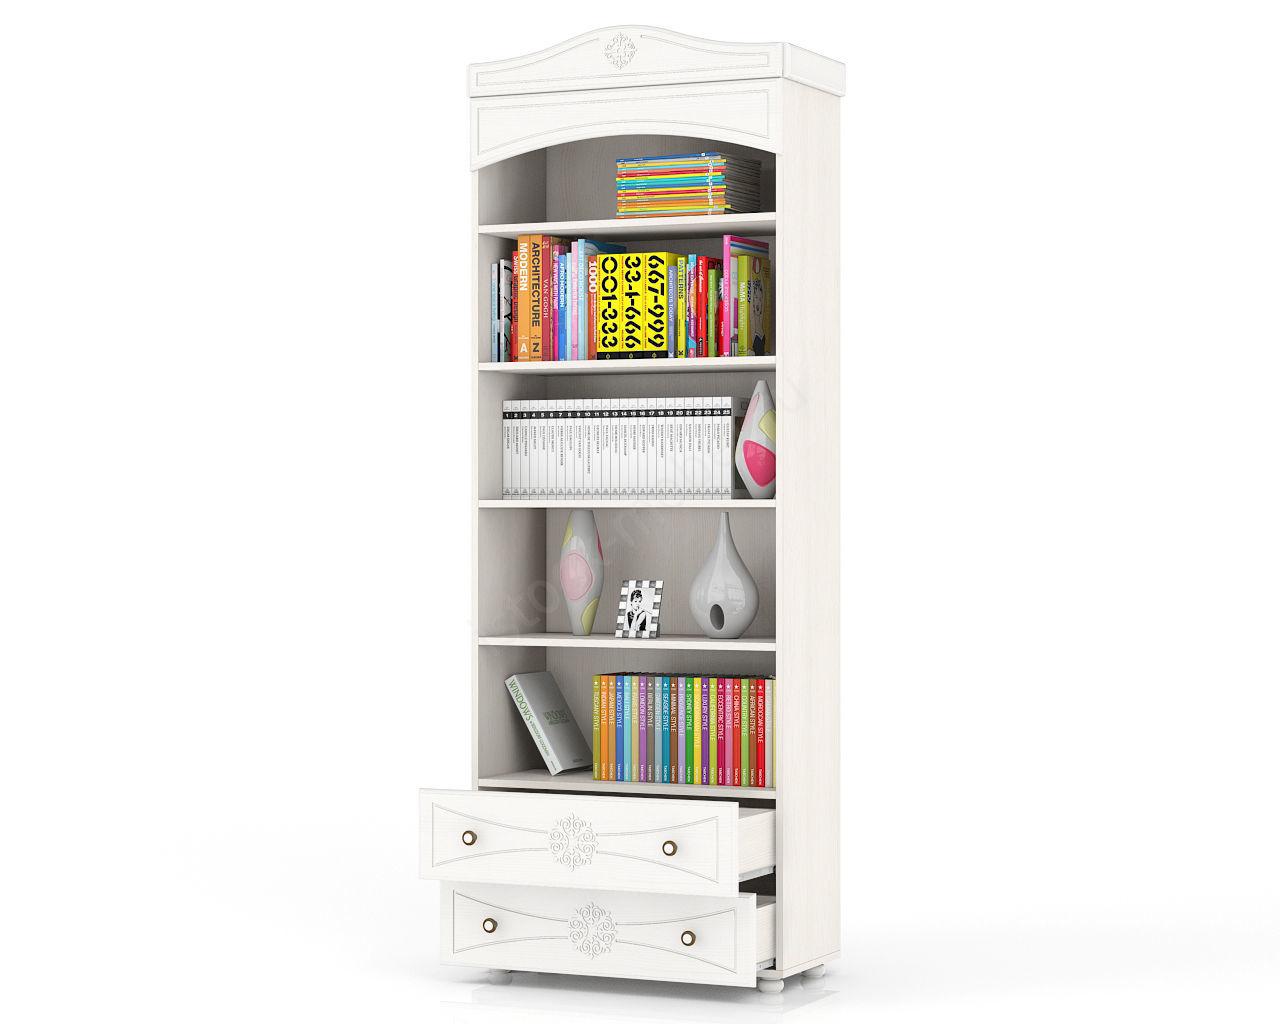 Шкаф книжный открытый онега шк-36 арт. шк-36 купить шкафы дл.